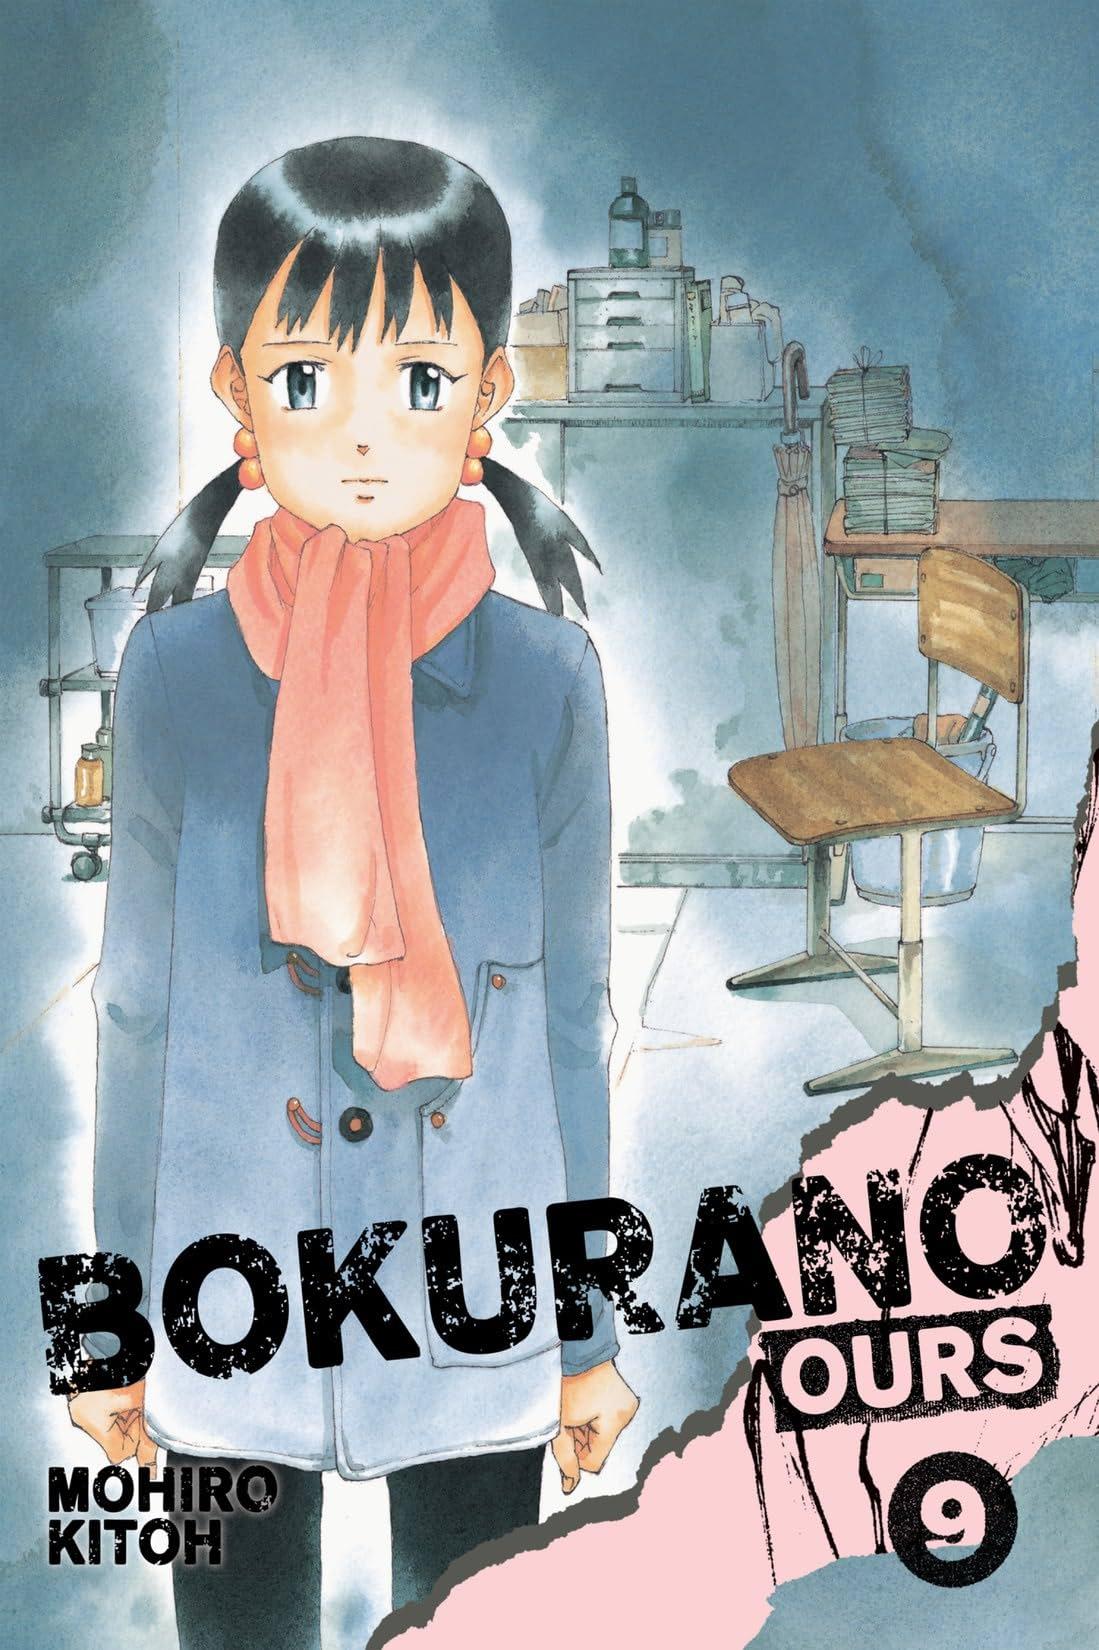 Bokurano: Ours Vol. 9